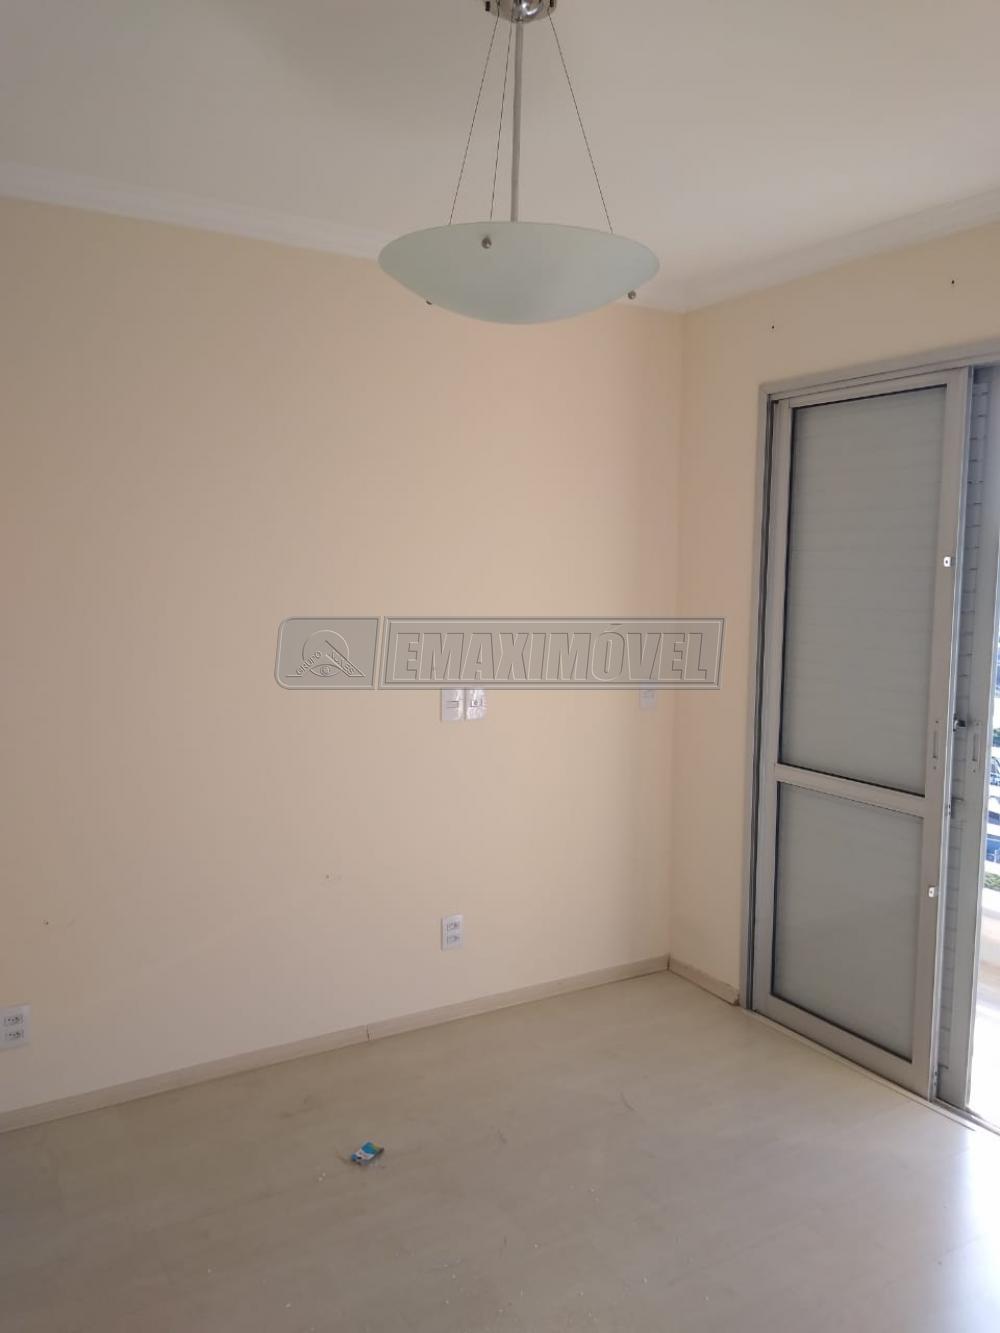 Comprar Apartamento / Padrão em Sorocaba R$ 1.166.000,00 - Foto 16